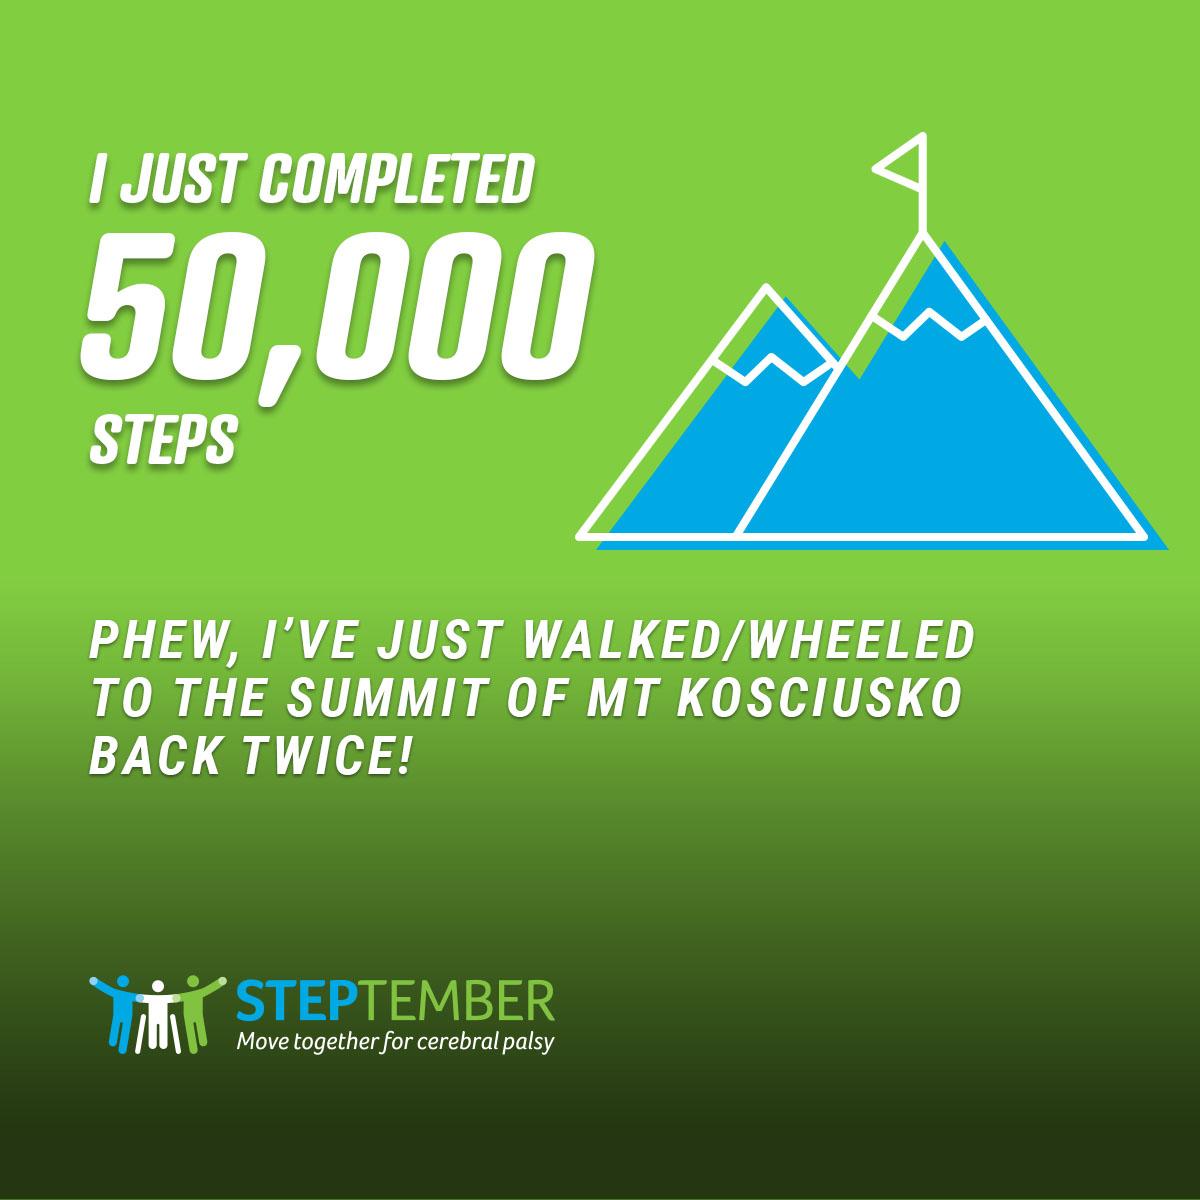 Social Post - 50,000 Steps